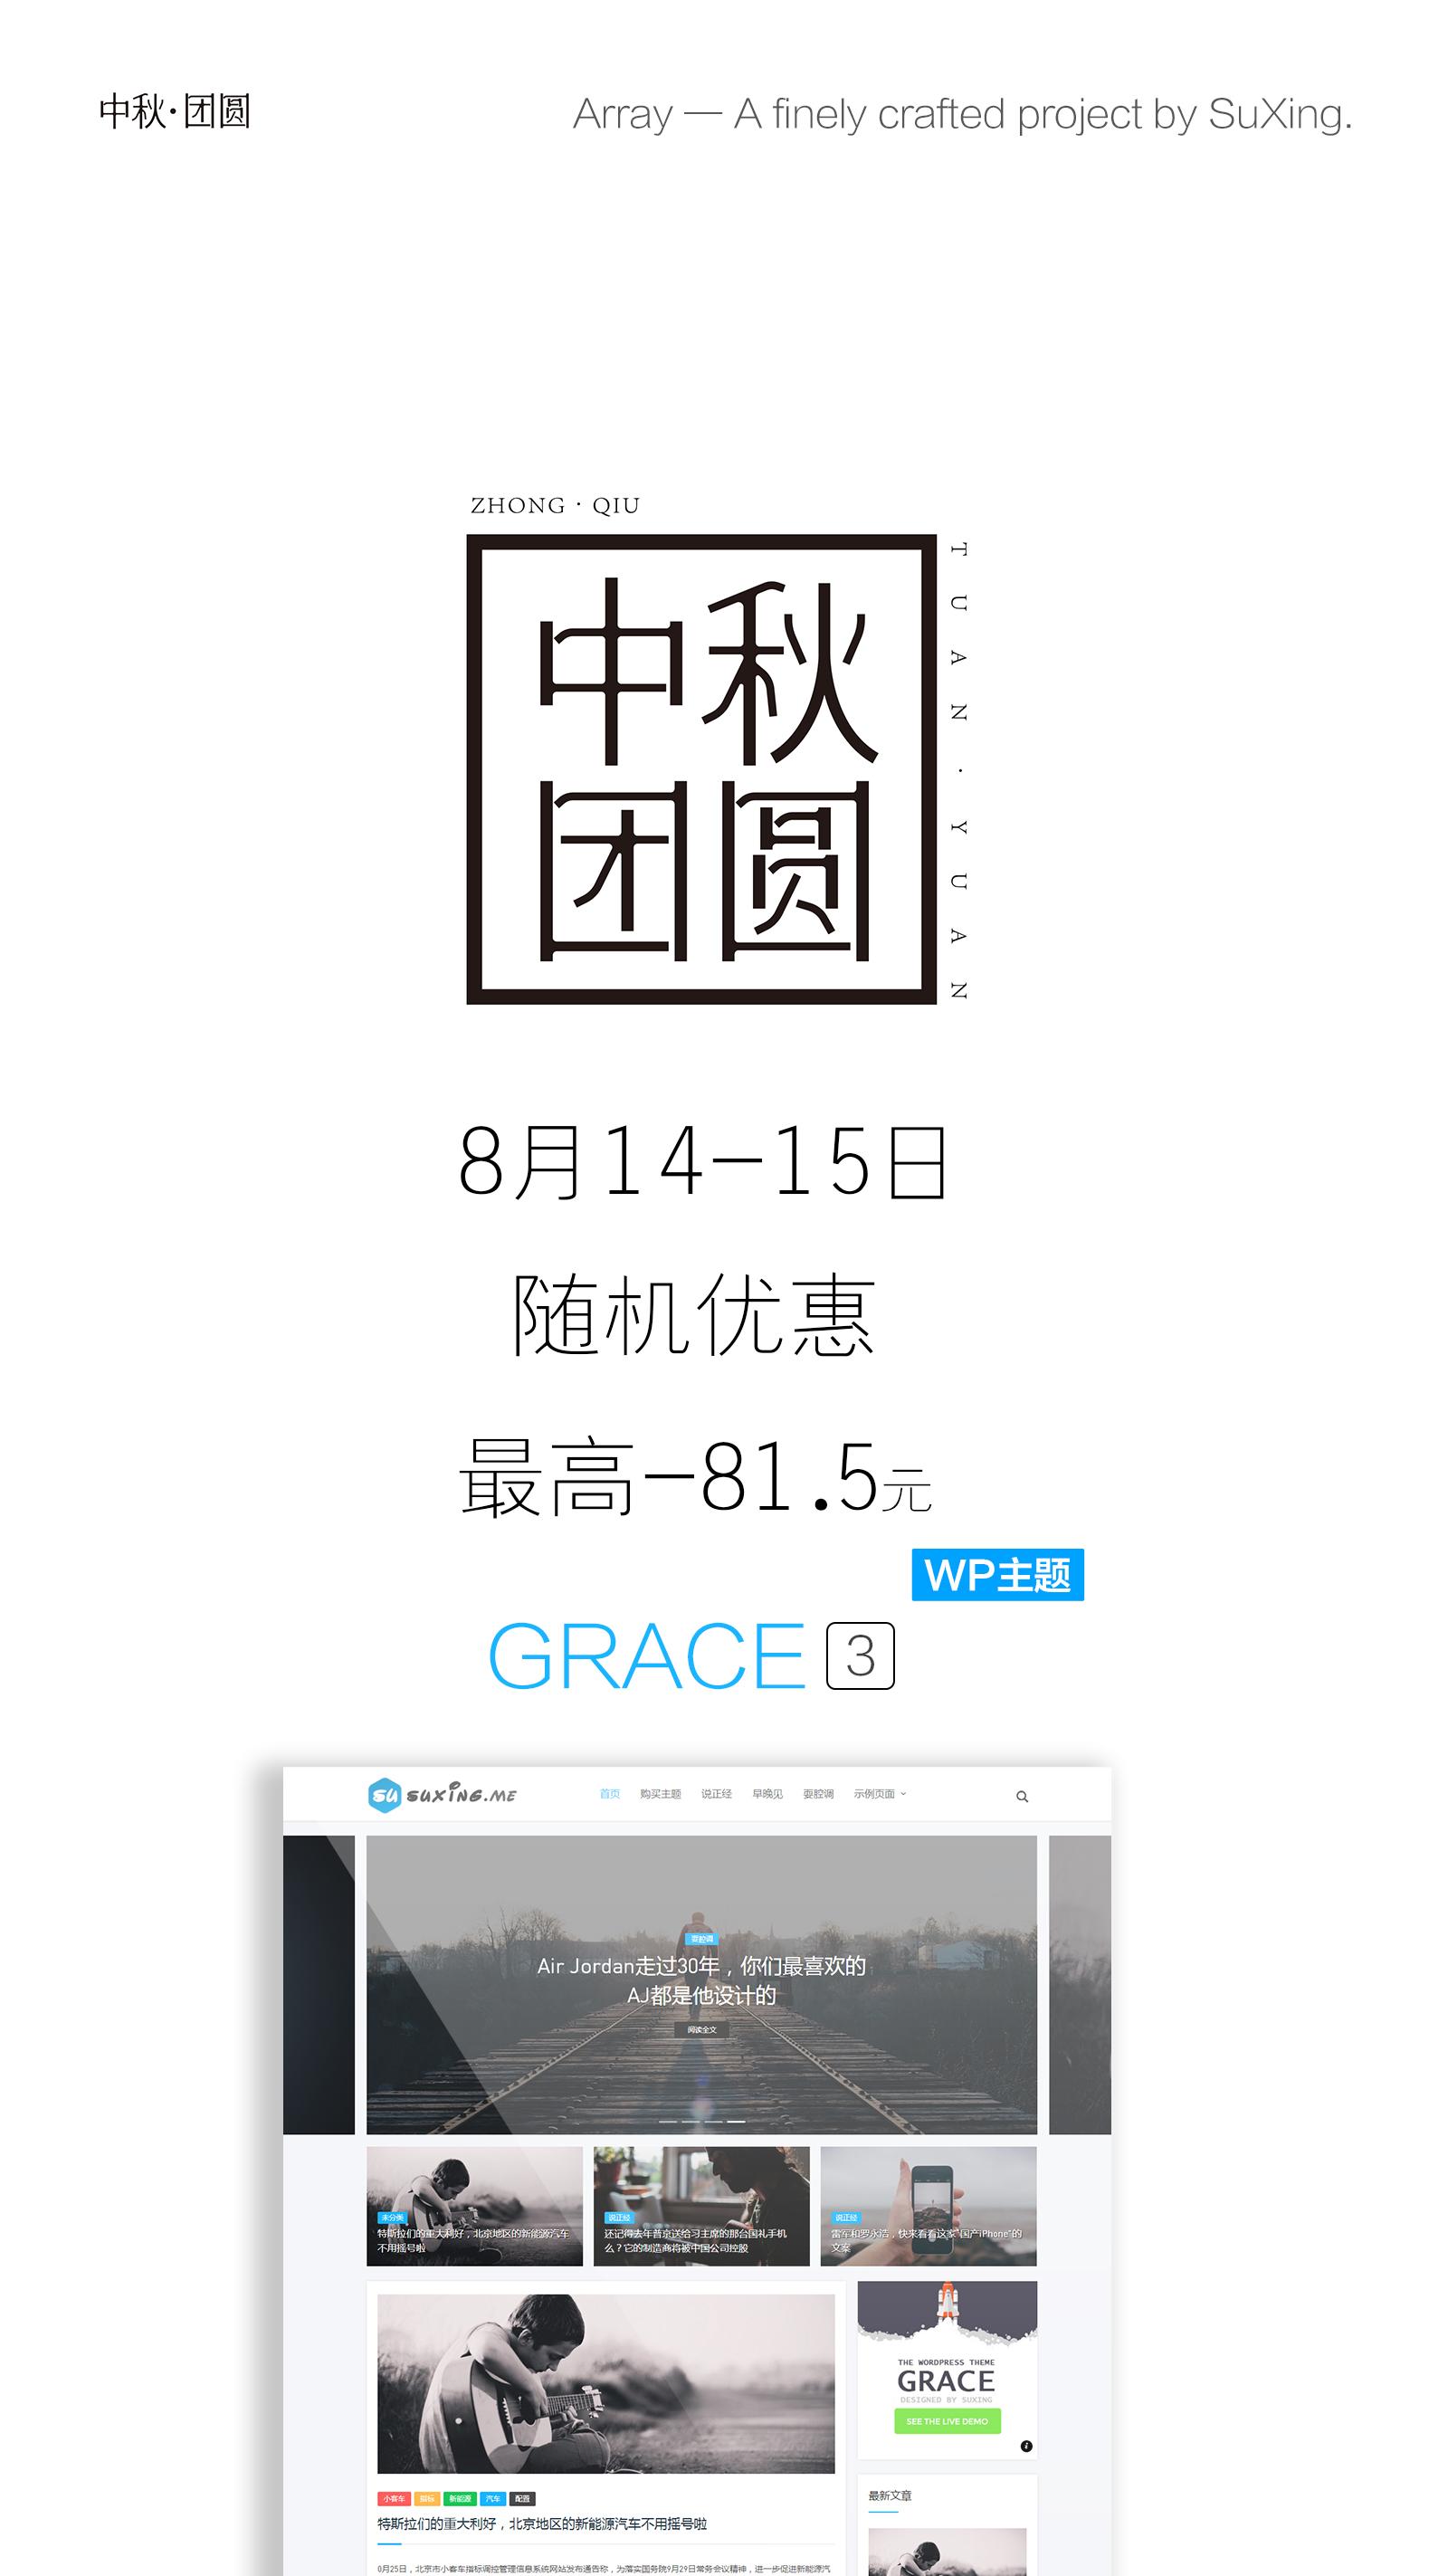 中秋节快乐!Grace3最高立减81.5!-苏醒主题